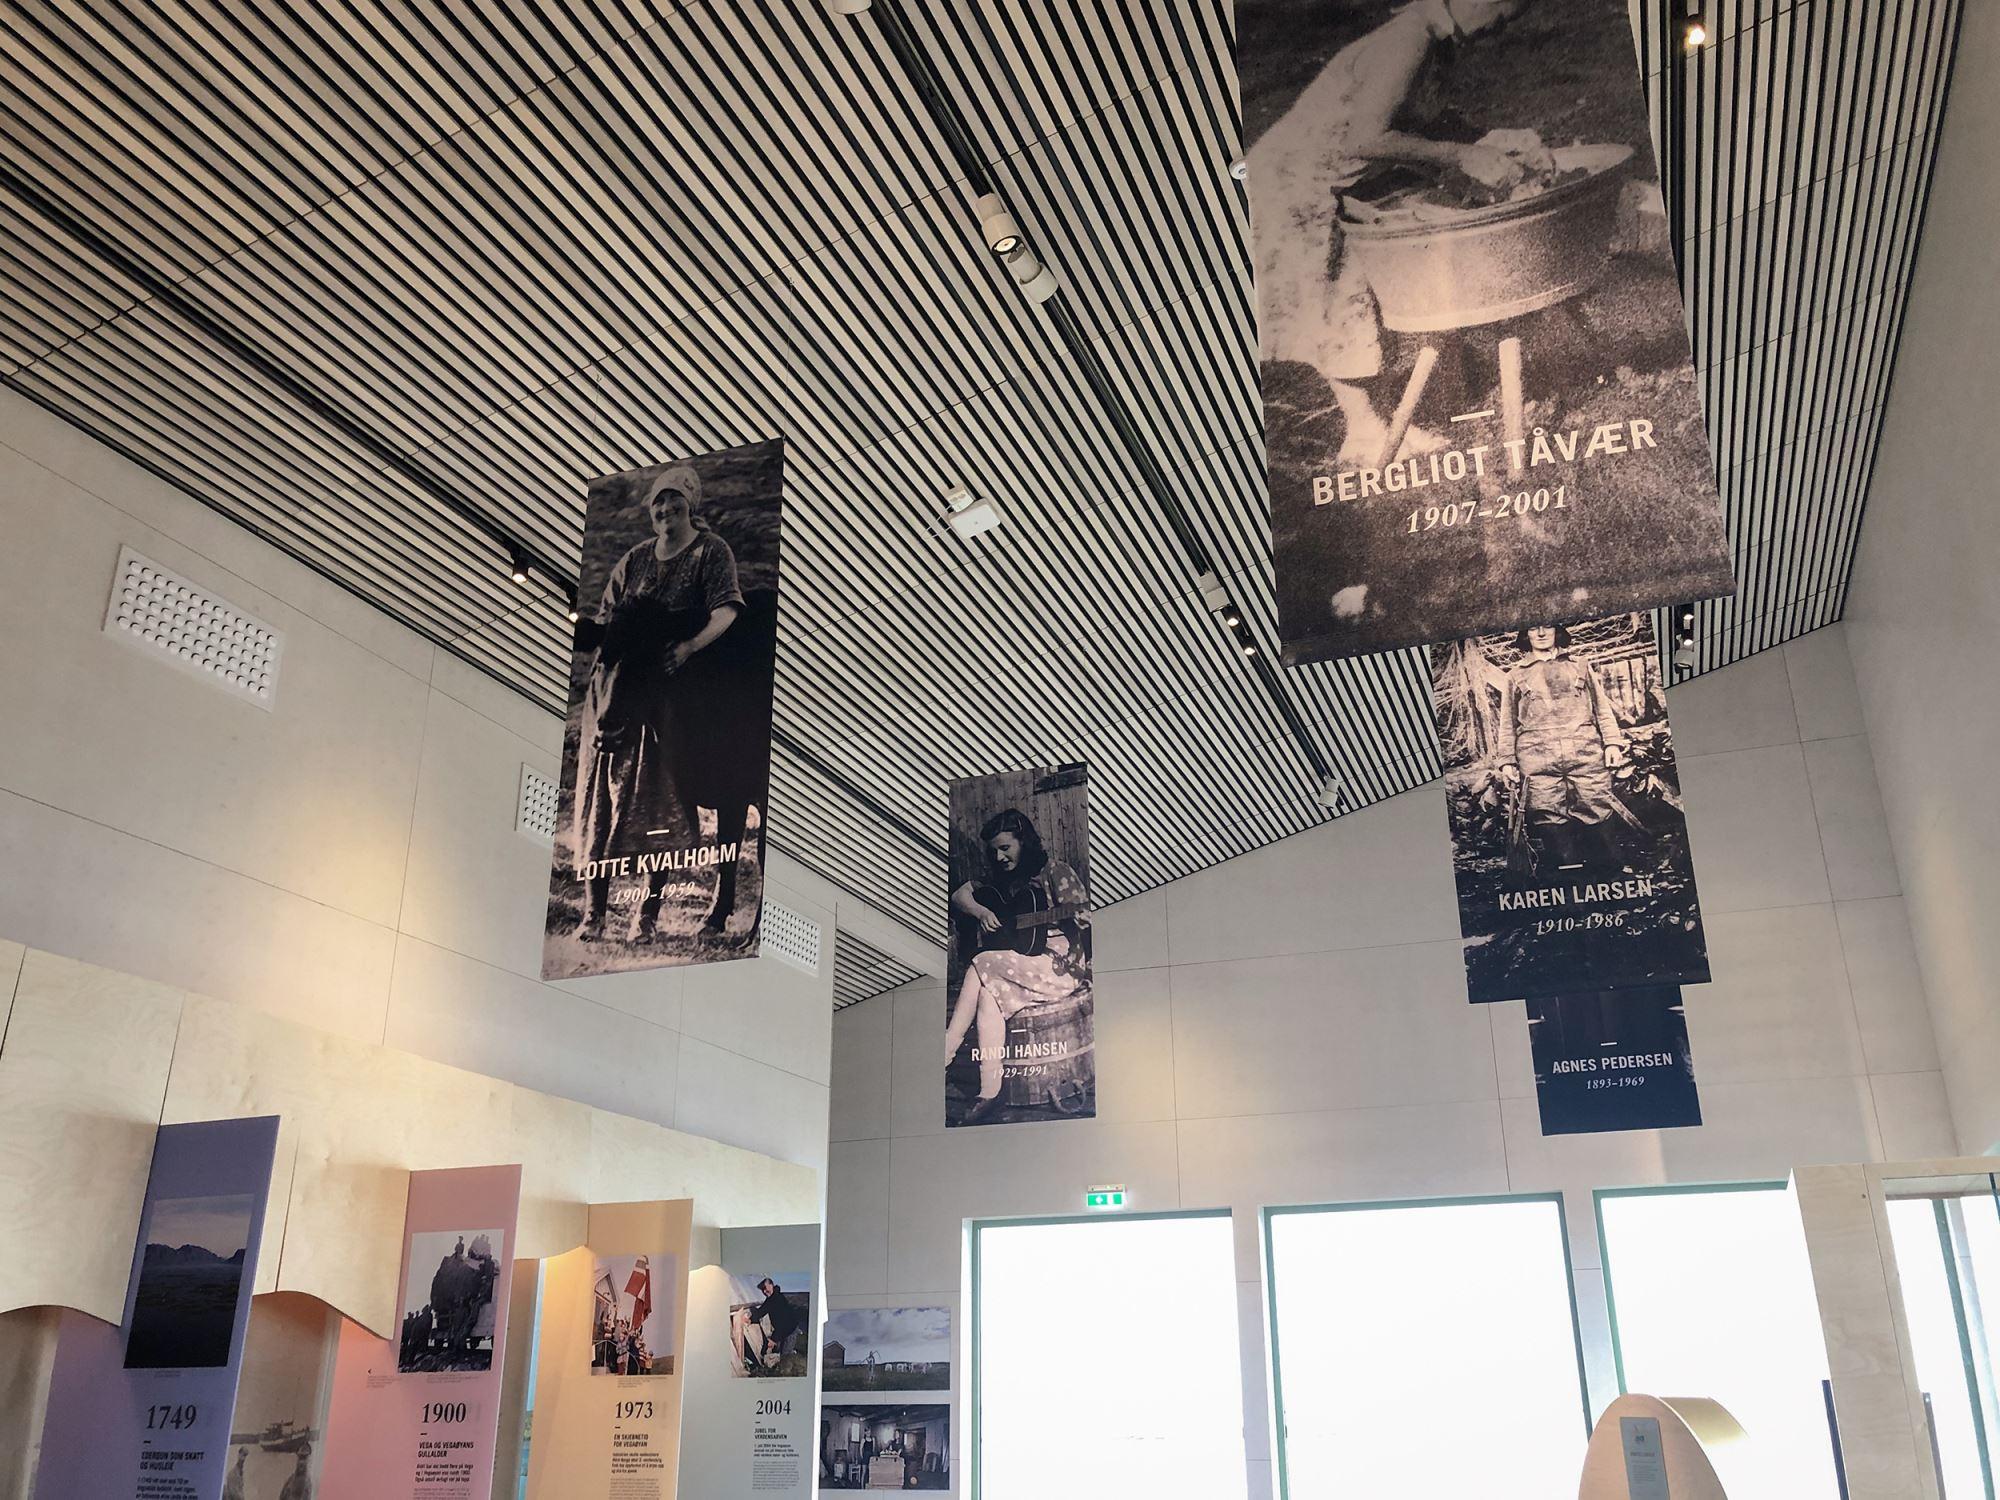 Vega World Heritage Center